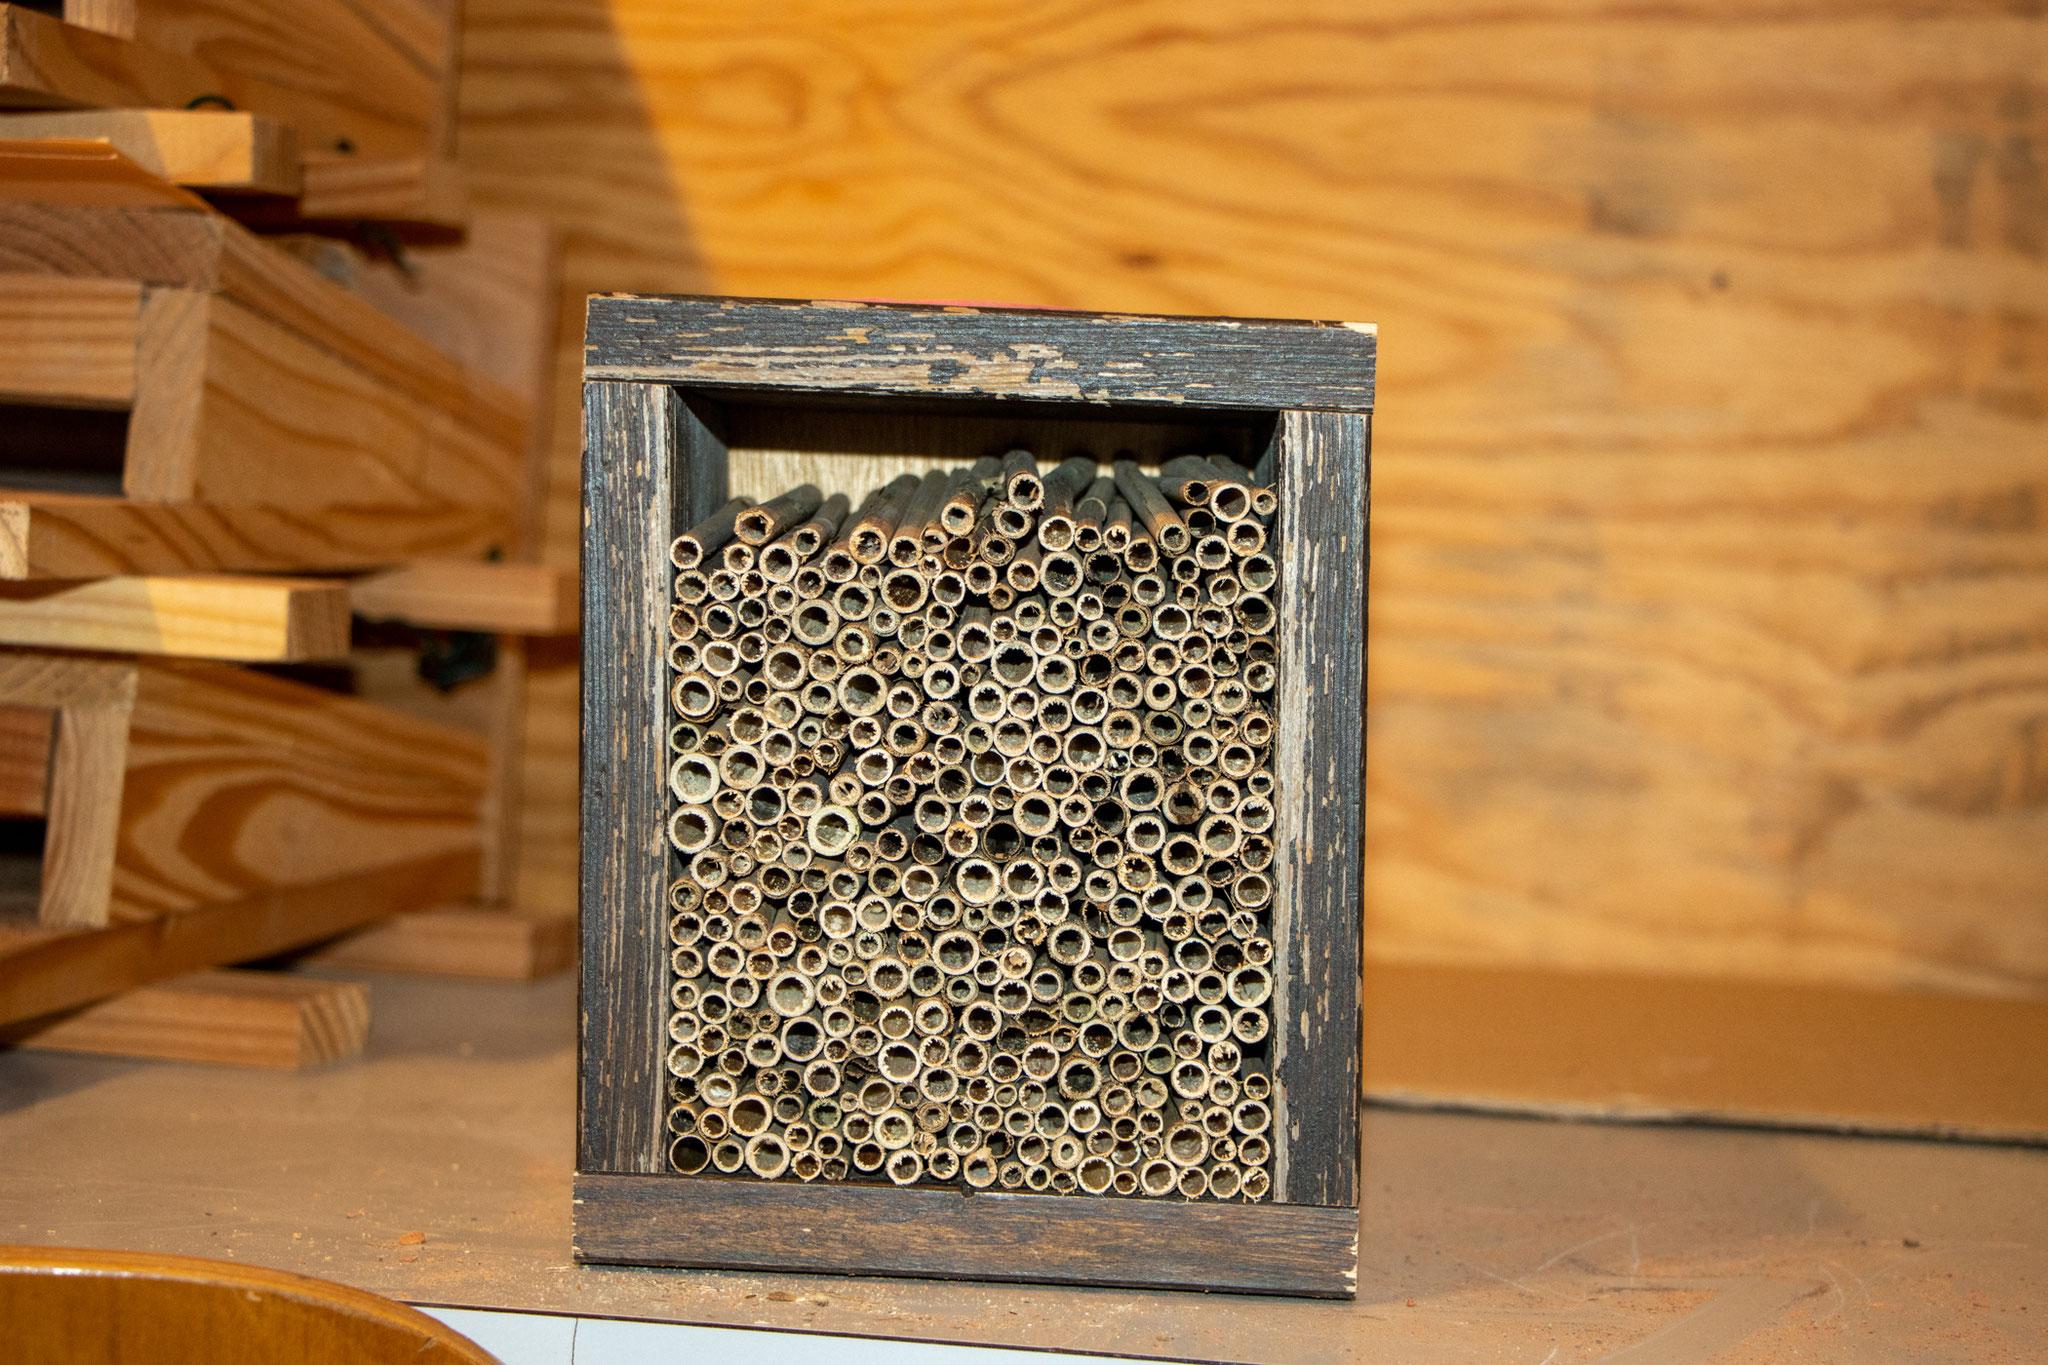 Fertig gestapelt: Alle Schilfhalme in der Kiste (B. Budig)